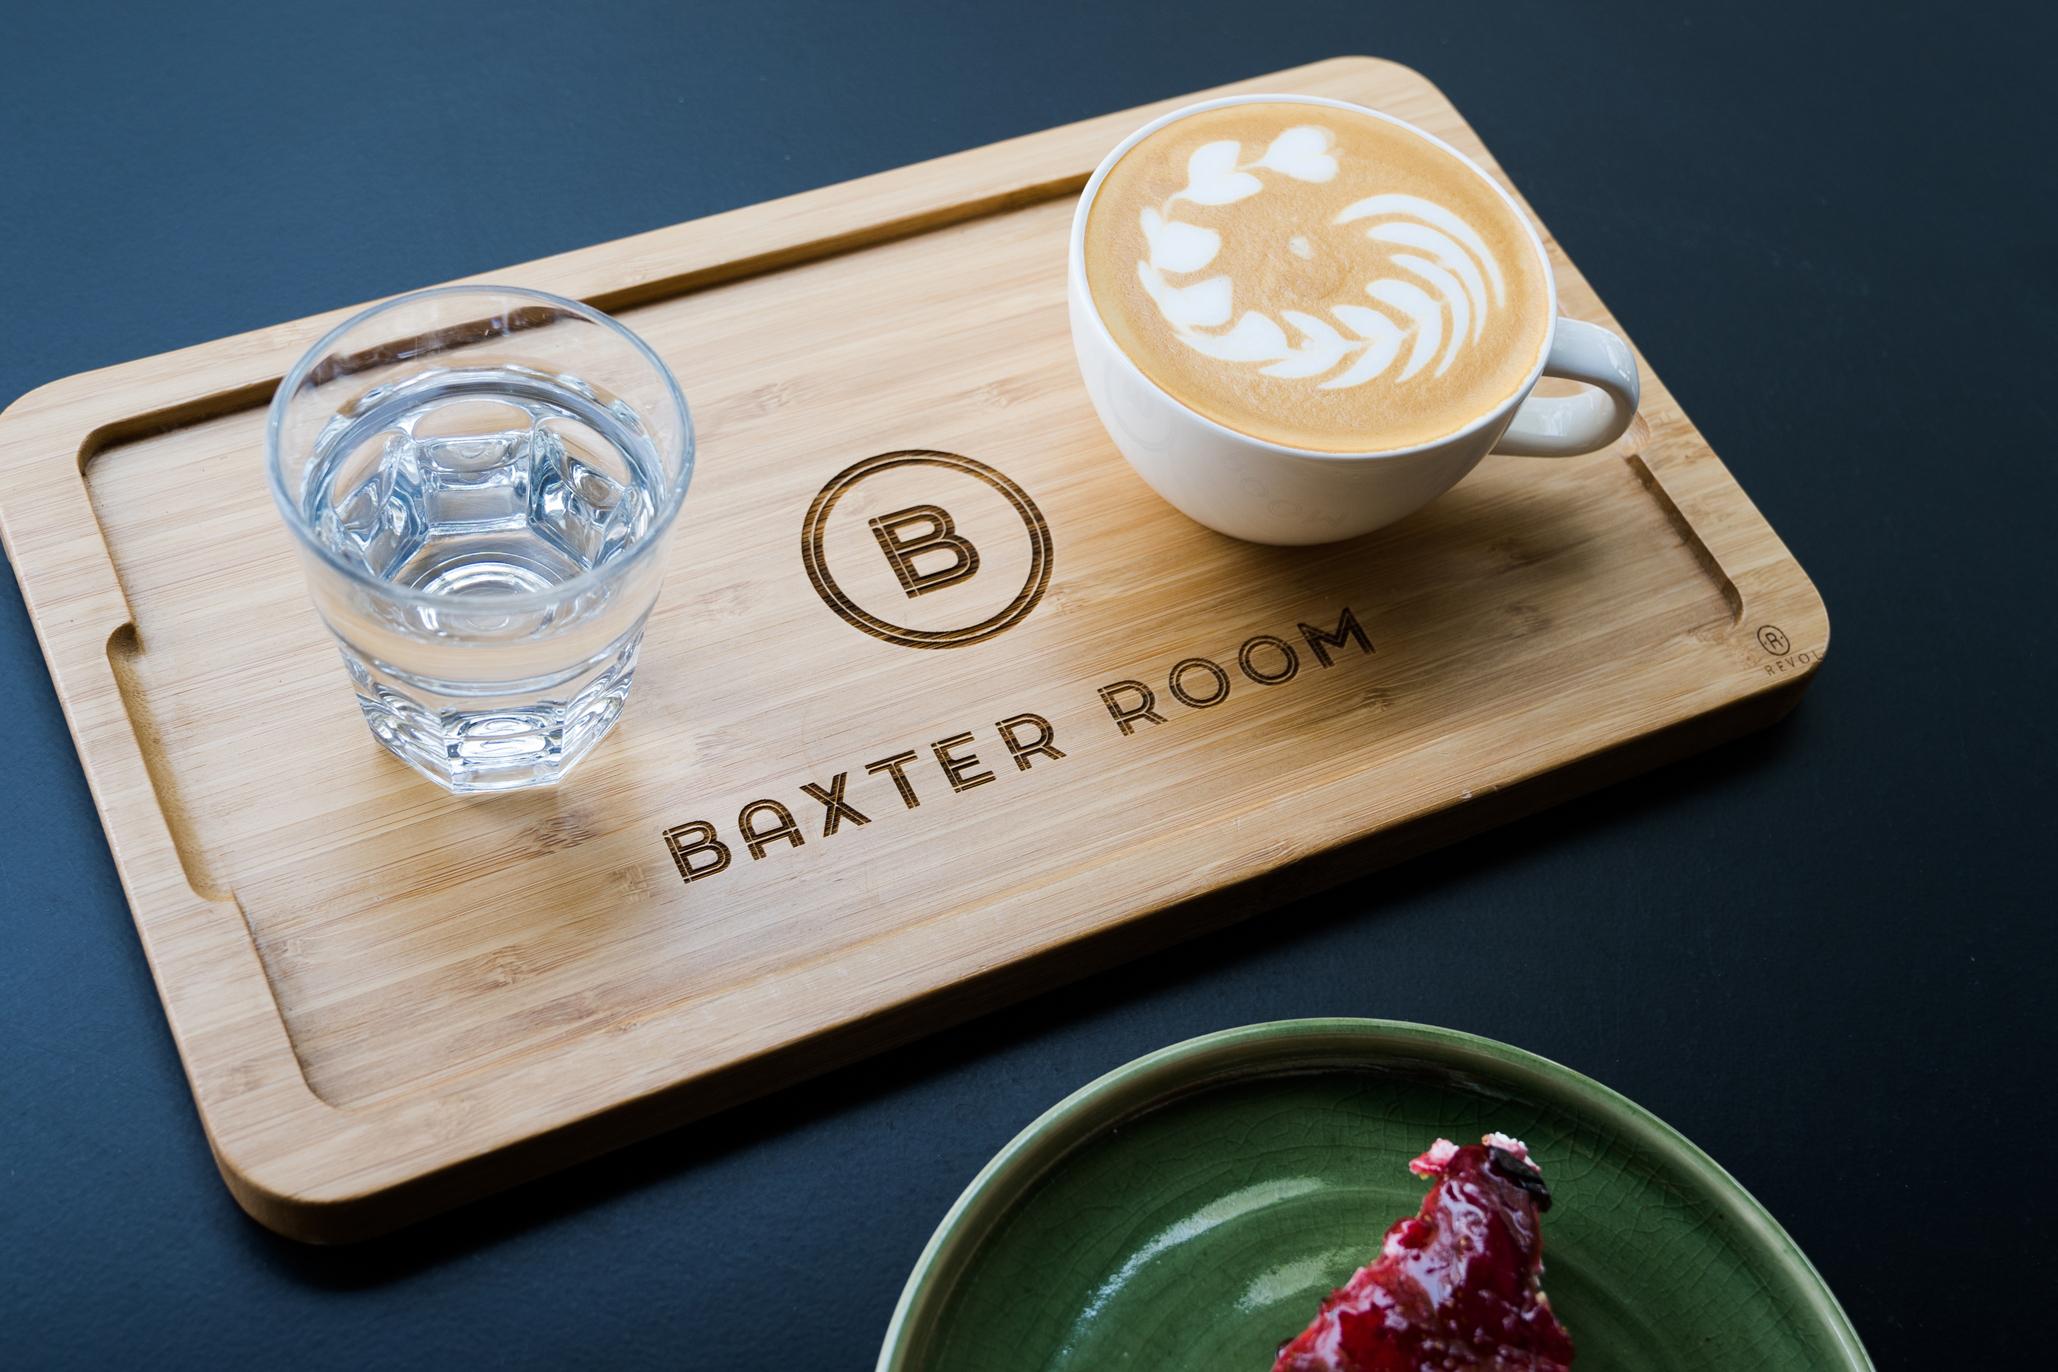 Baxter Room